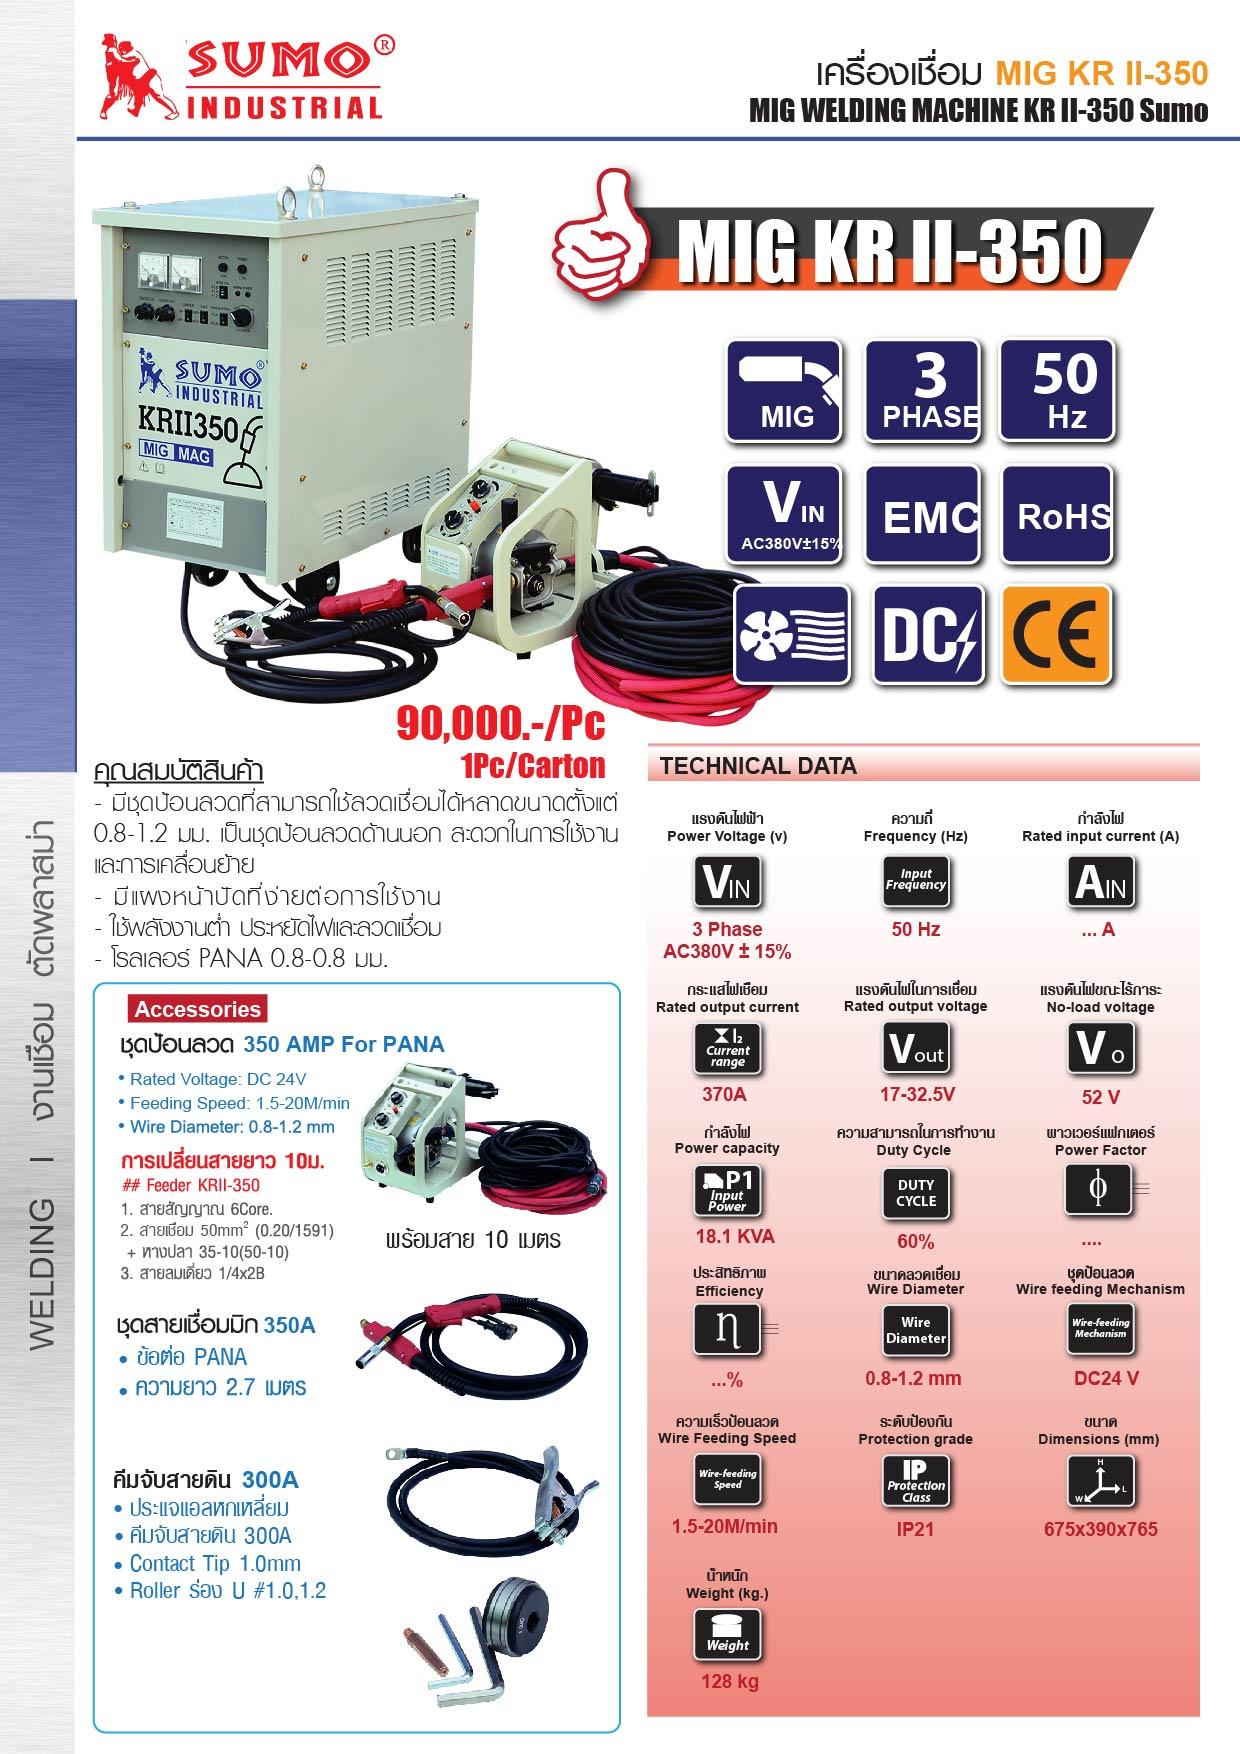 (11/19) MIG KRll-500